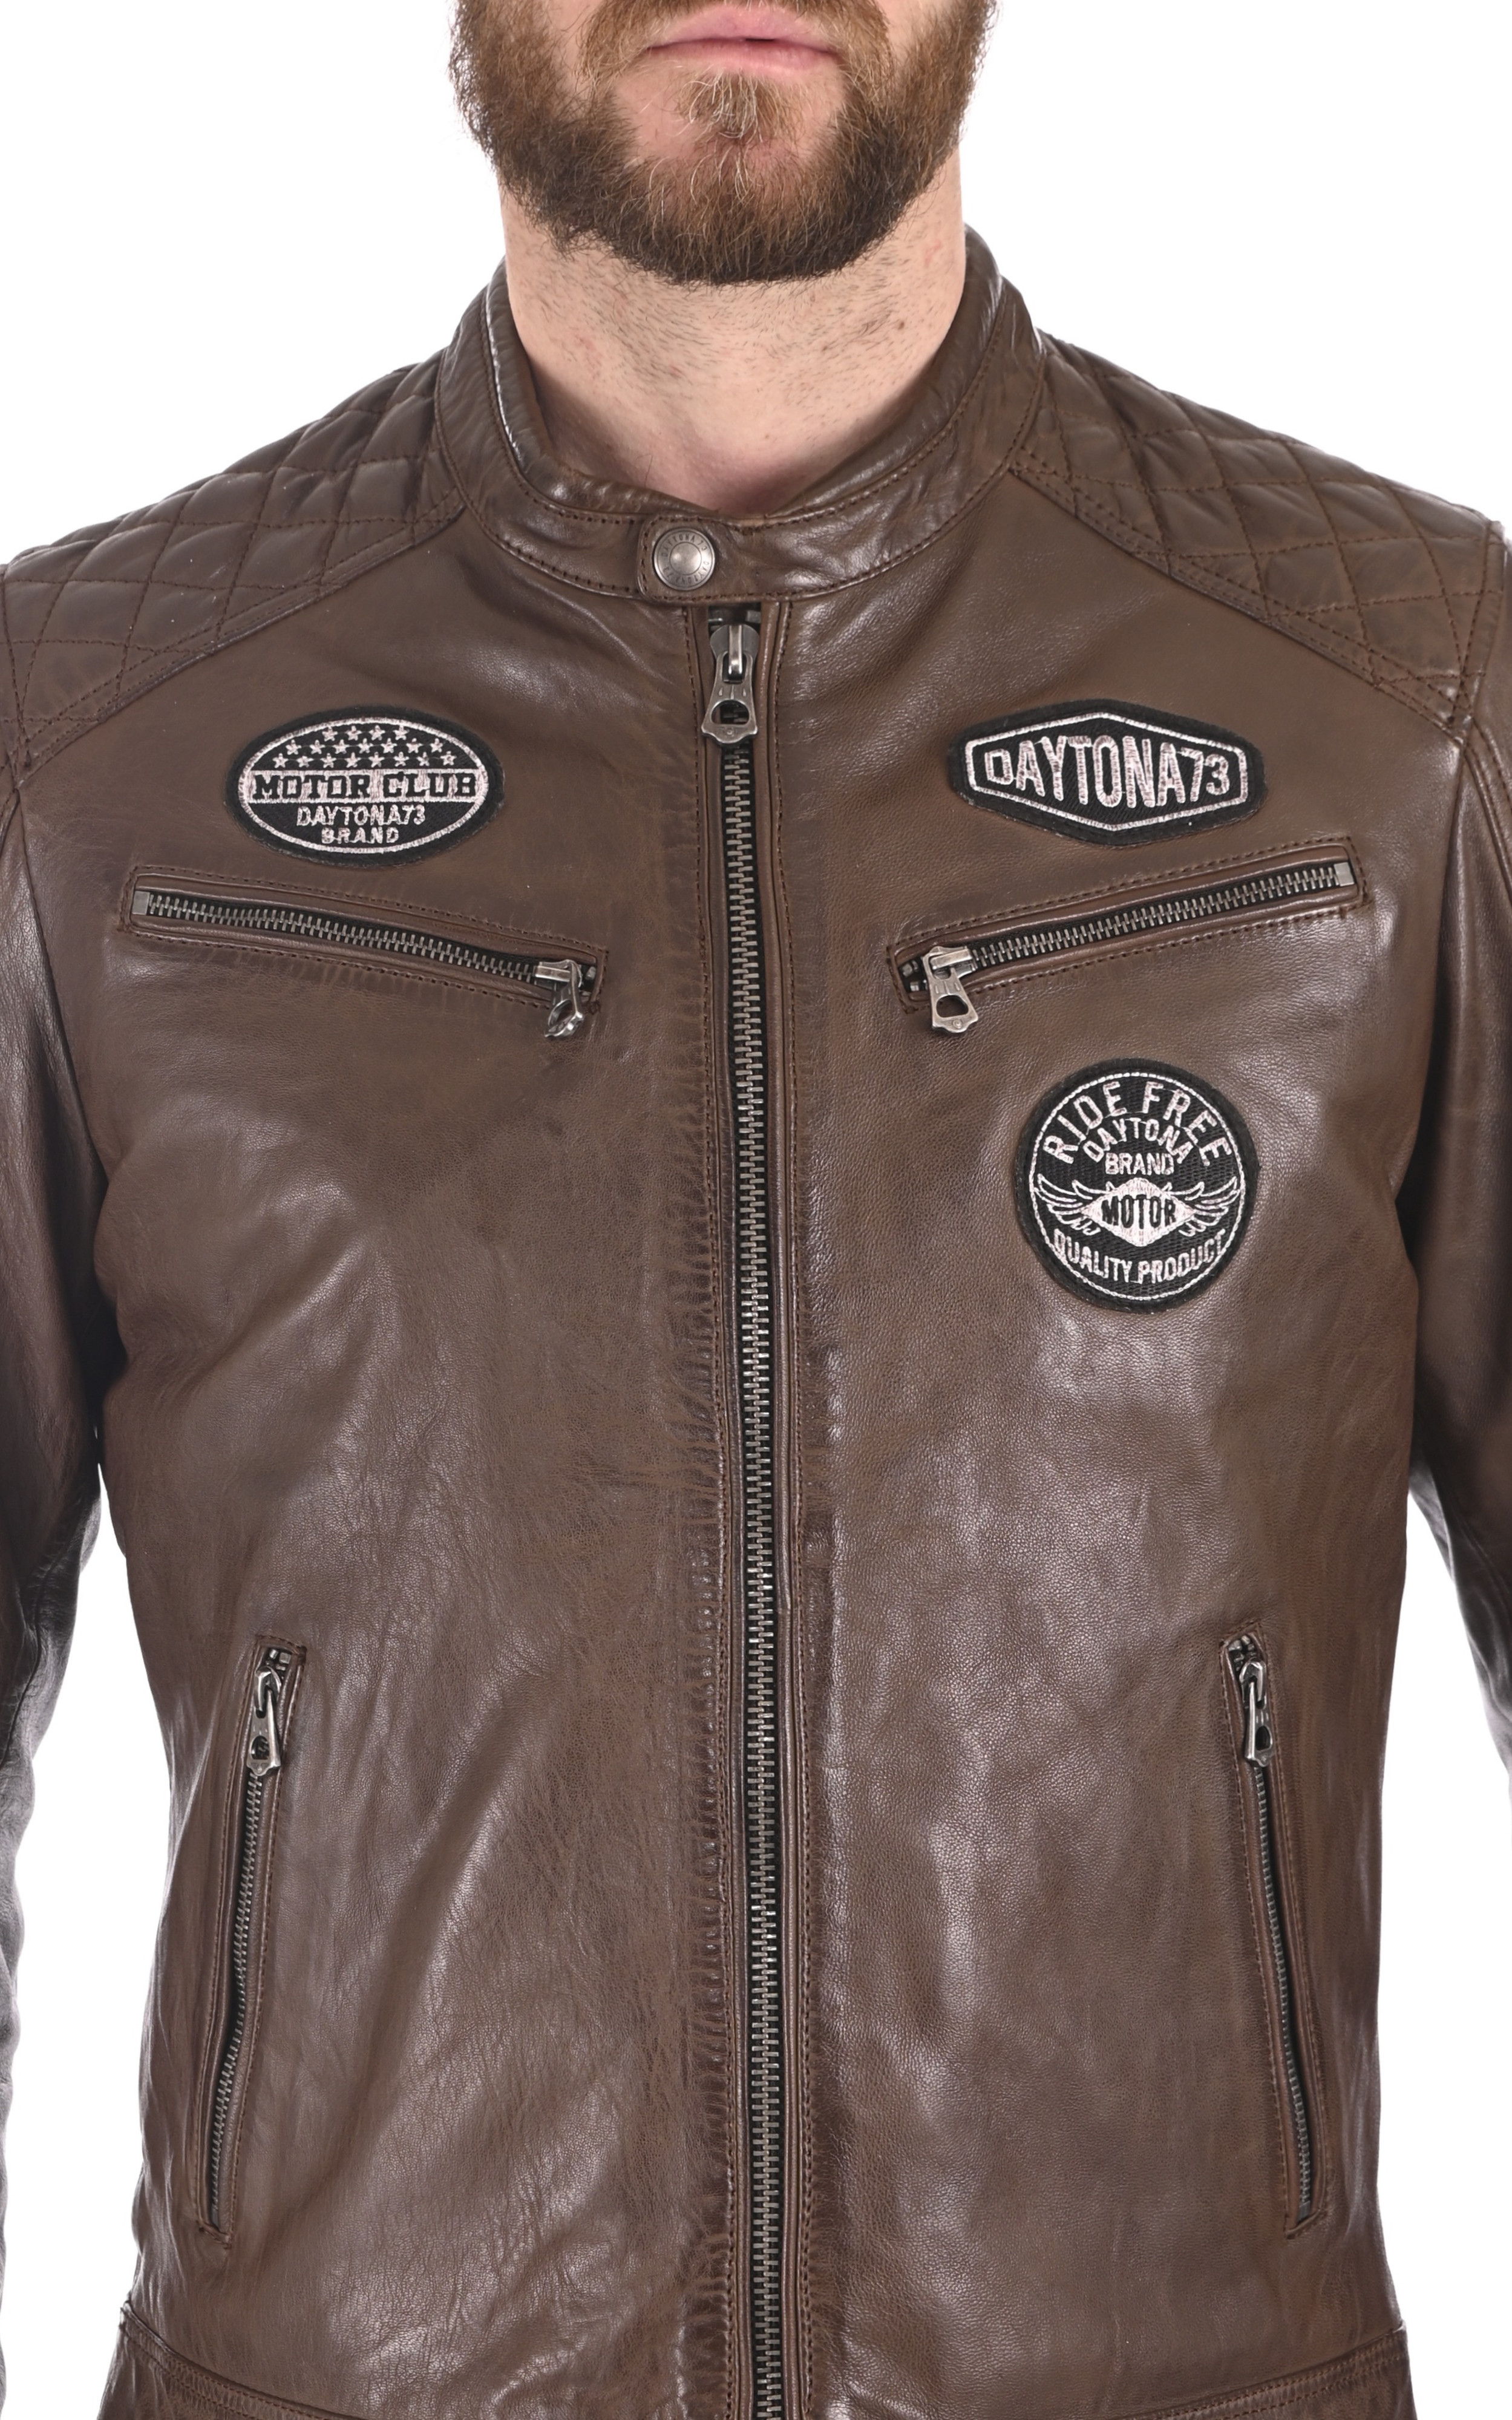 Blouson motard marron Daytona 73